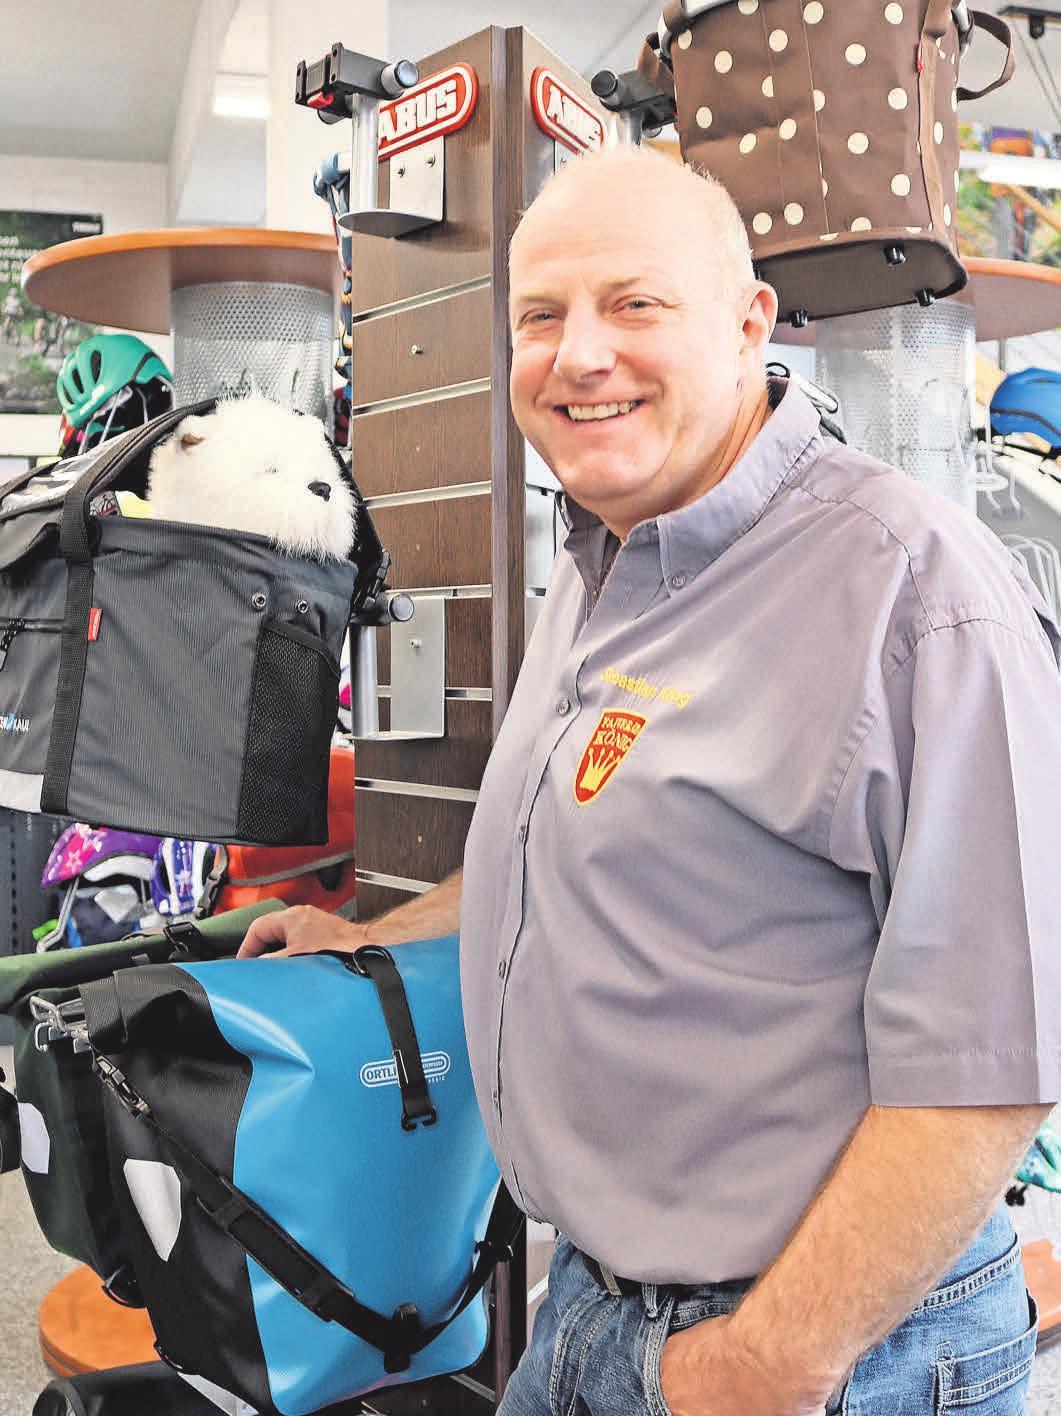 Sebastian König, Geschäftsführer Fahrrad König in Königs Wusterhausen. Er zeigt Fahrradkörbe, die derzeit sehr gefragt bei der Kundschaft sind. Foto: Nadine Pensold